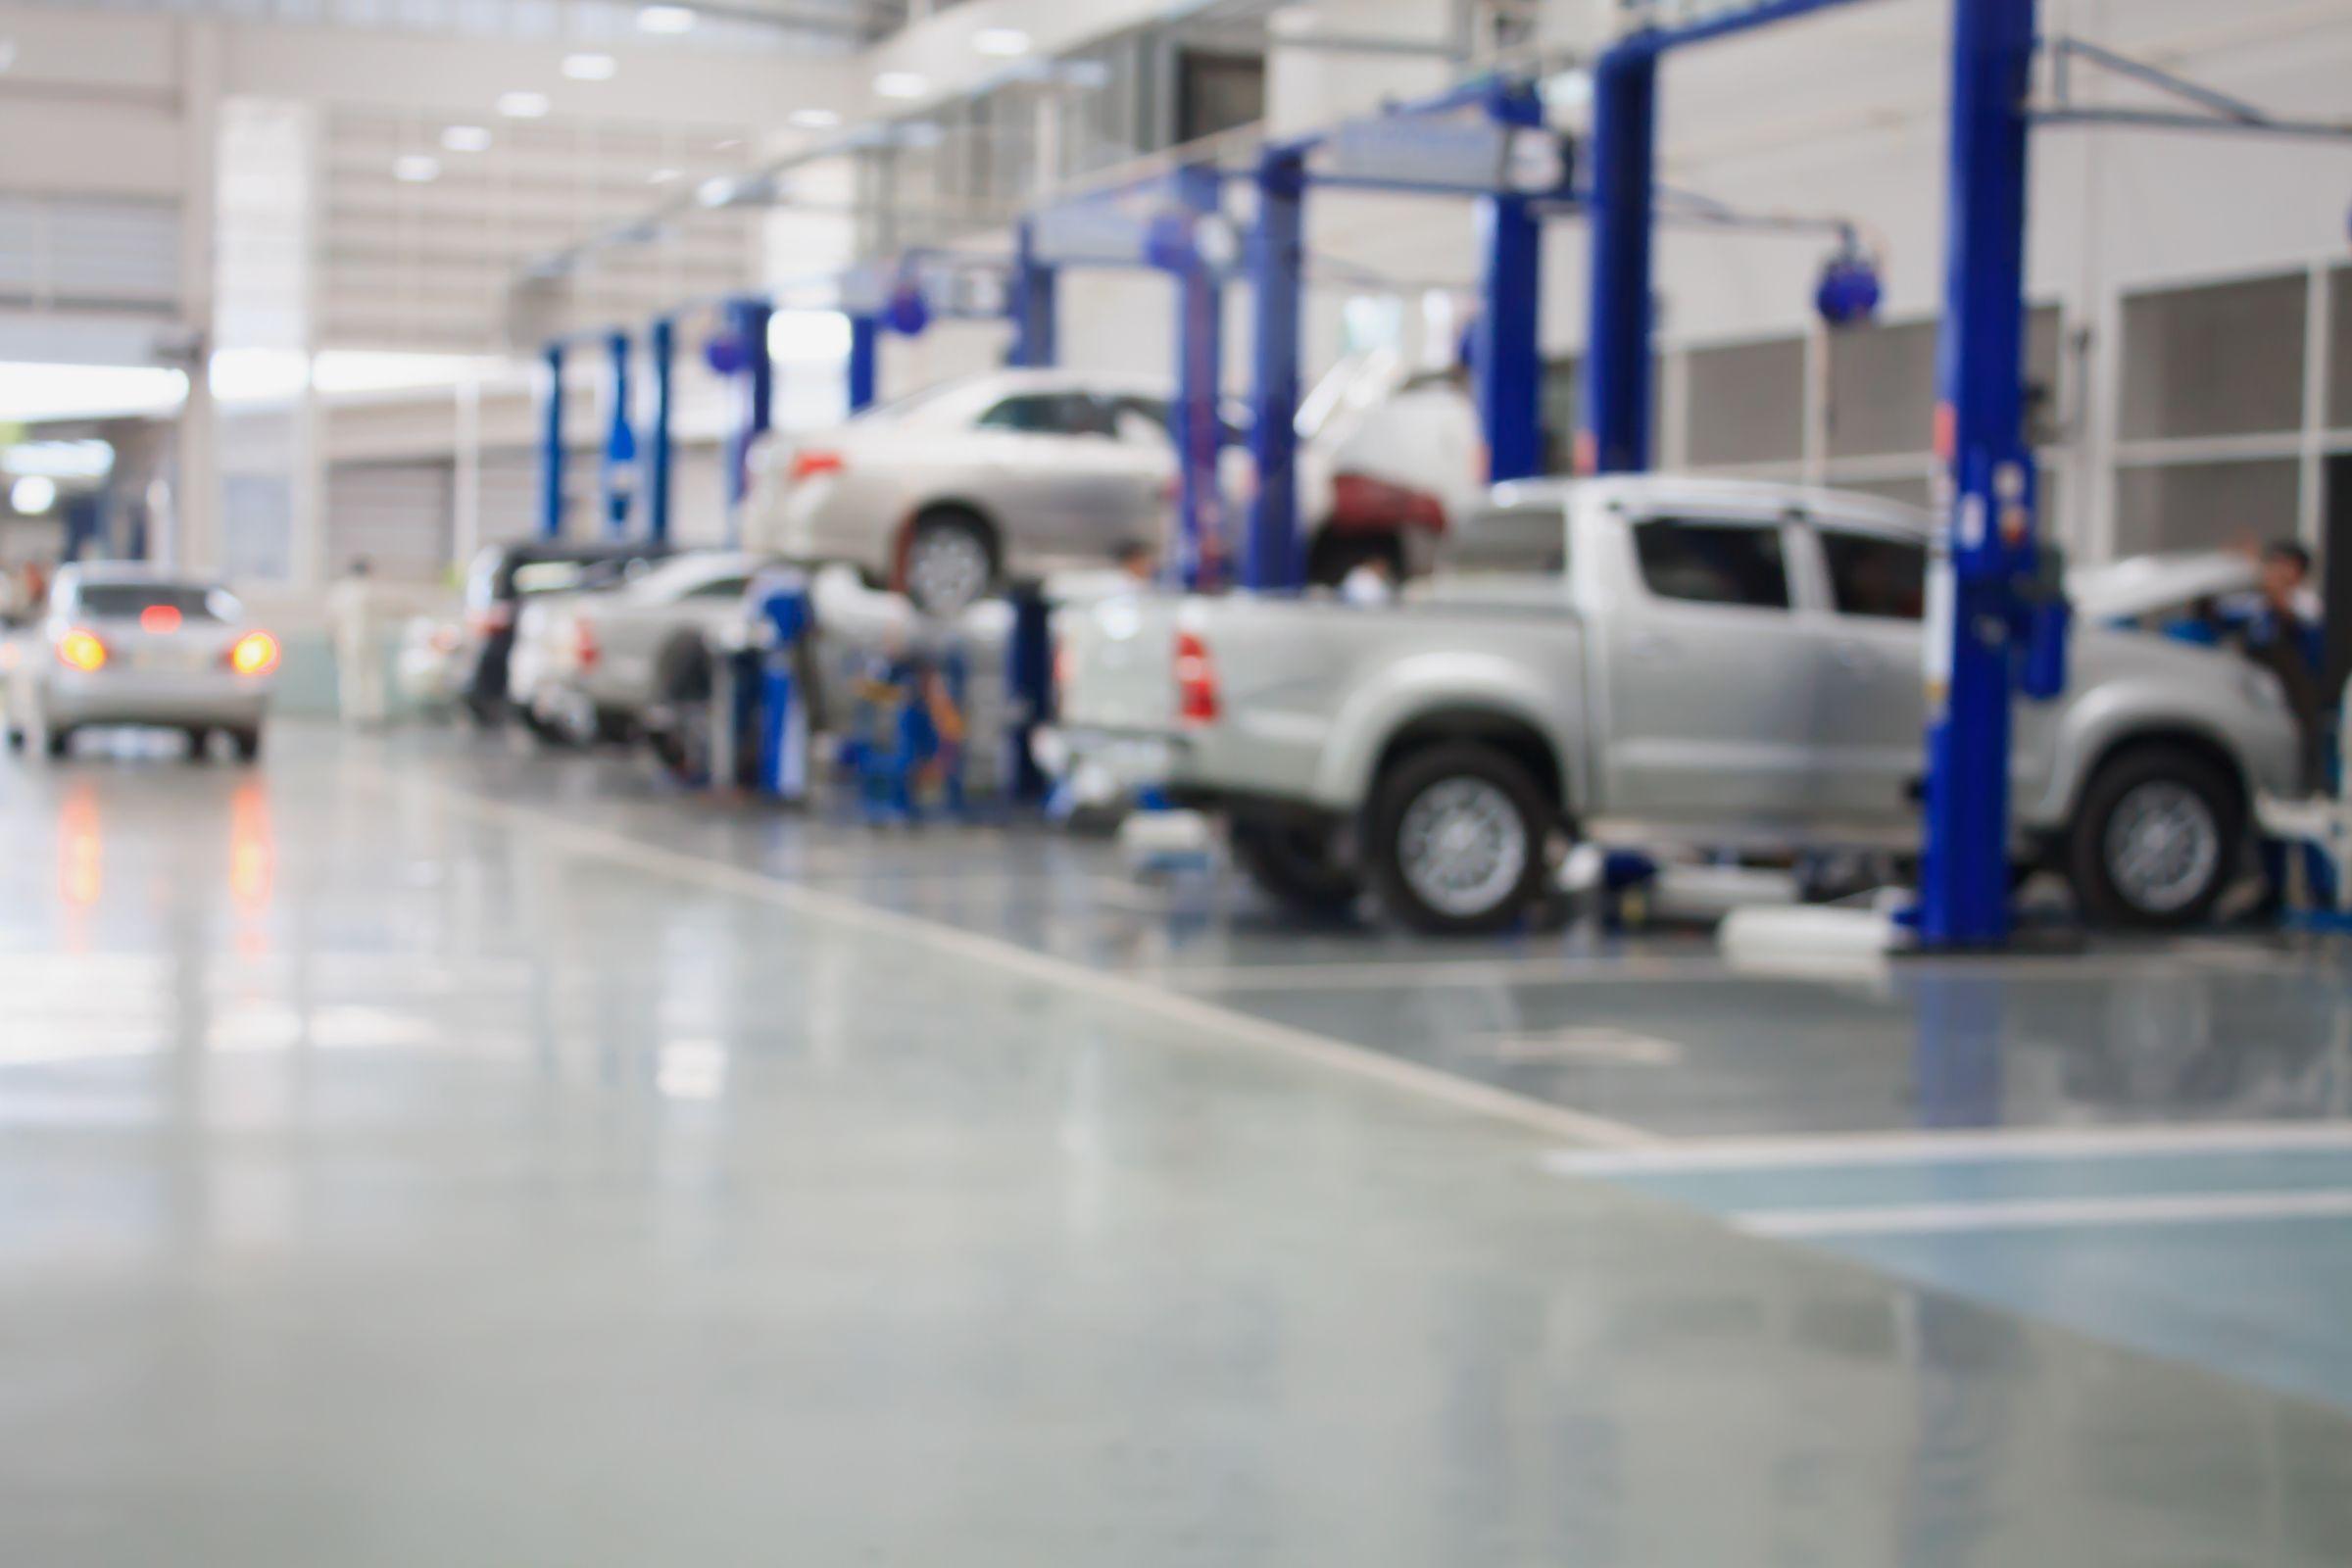 Saiba como deve agir para não comprometer a garantia do seu carro. Respeitar os prazos de revisão, não instalar acessórios homologados são algumas das boas práticas.